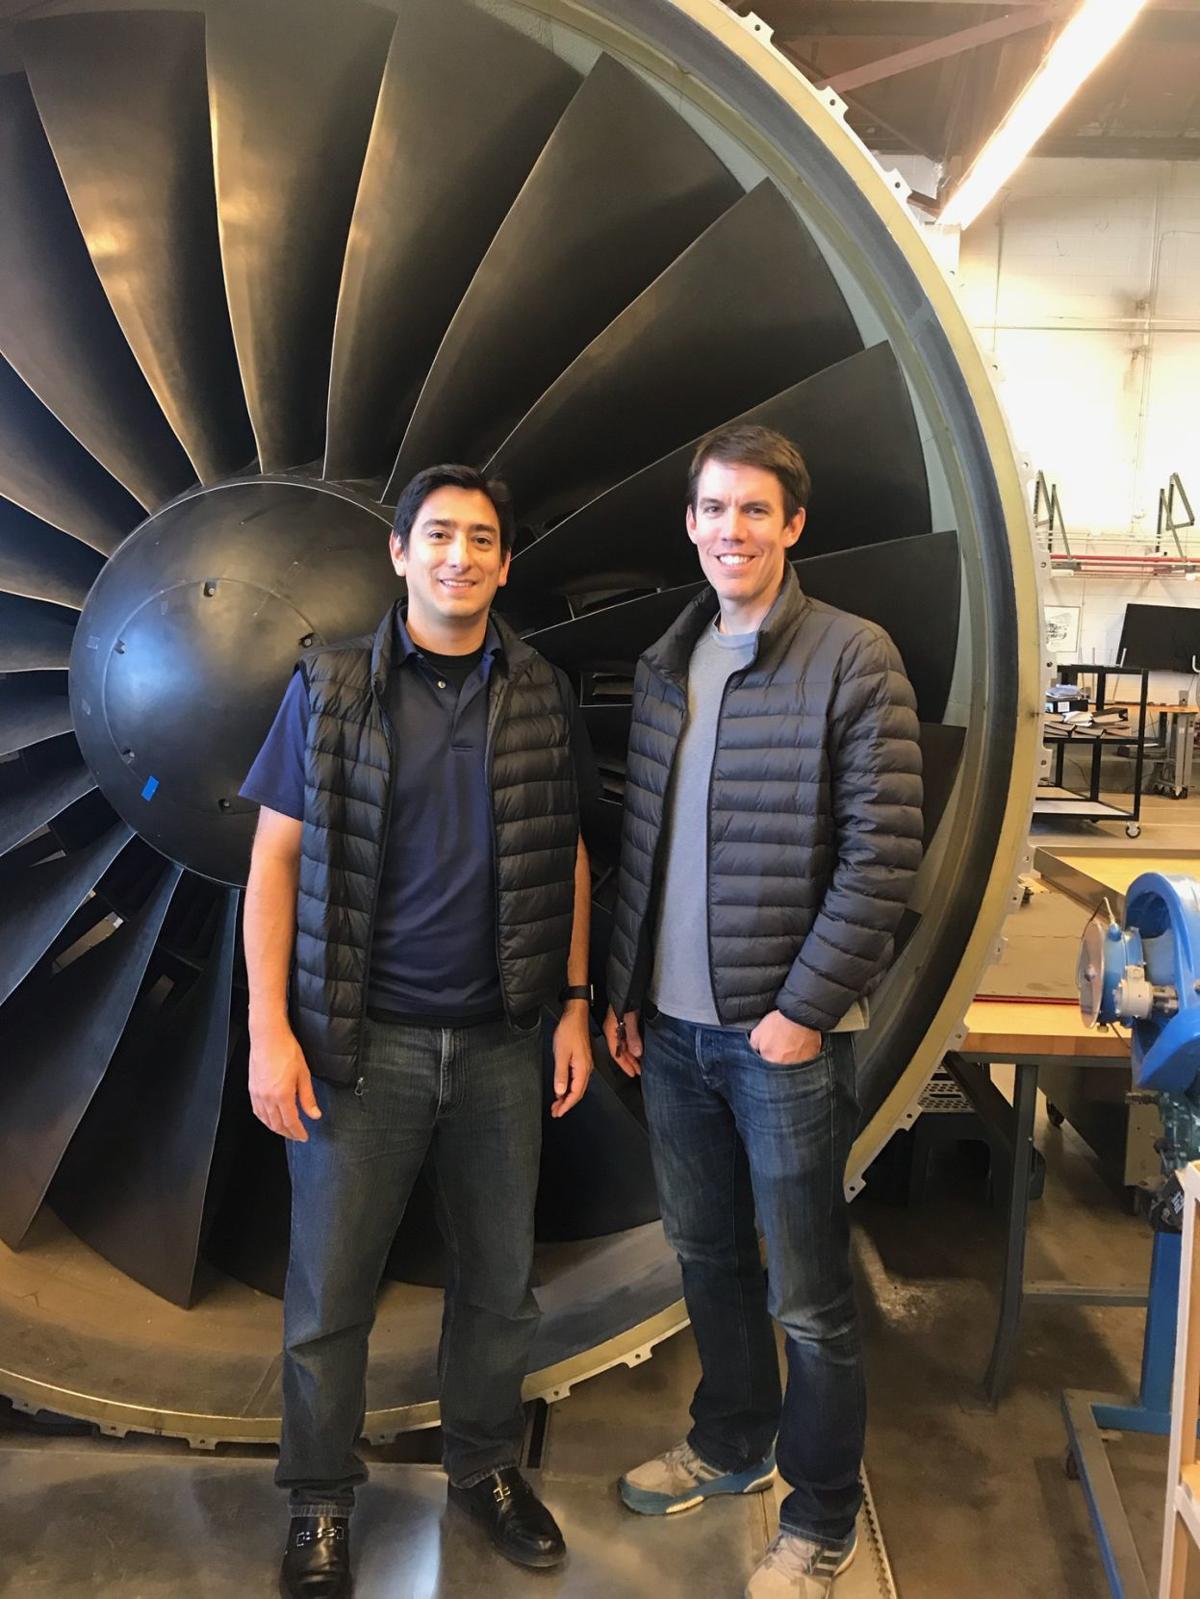 Kevin Bourke and Jorge Saenz